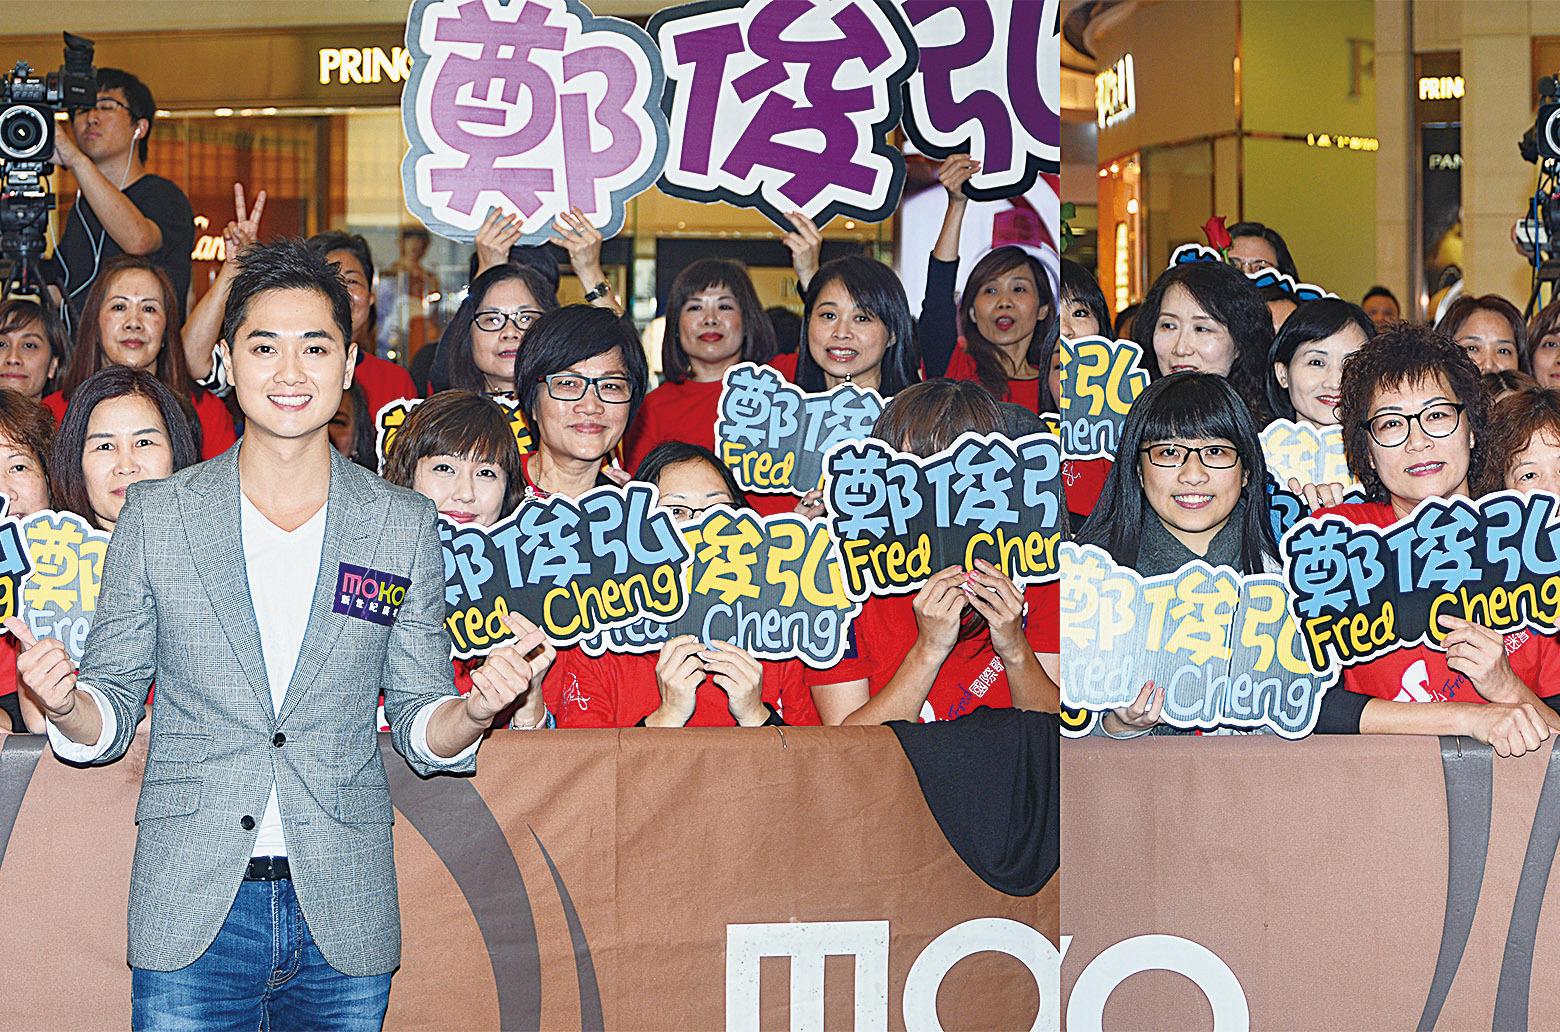 鄭俊弘舉辦握手會,與fans歡度白色情人節。(宋碧龍╱大紀元)